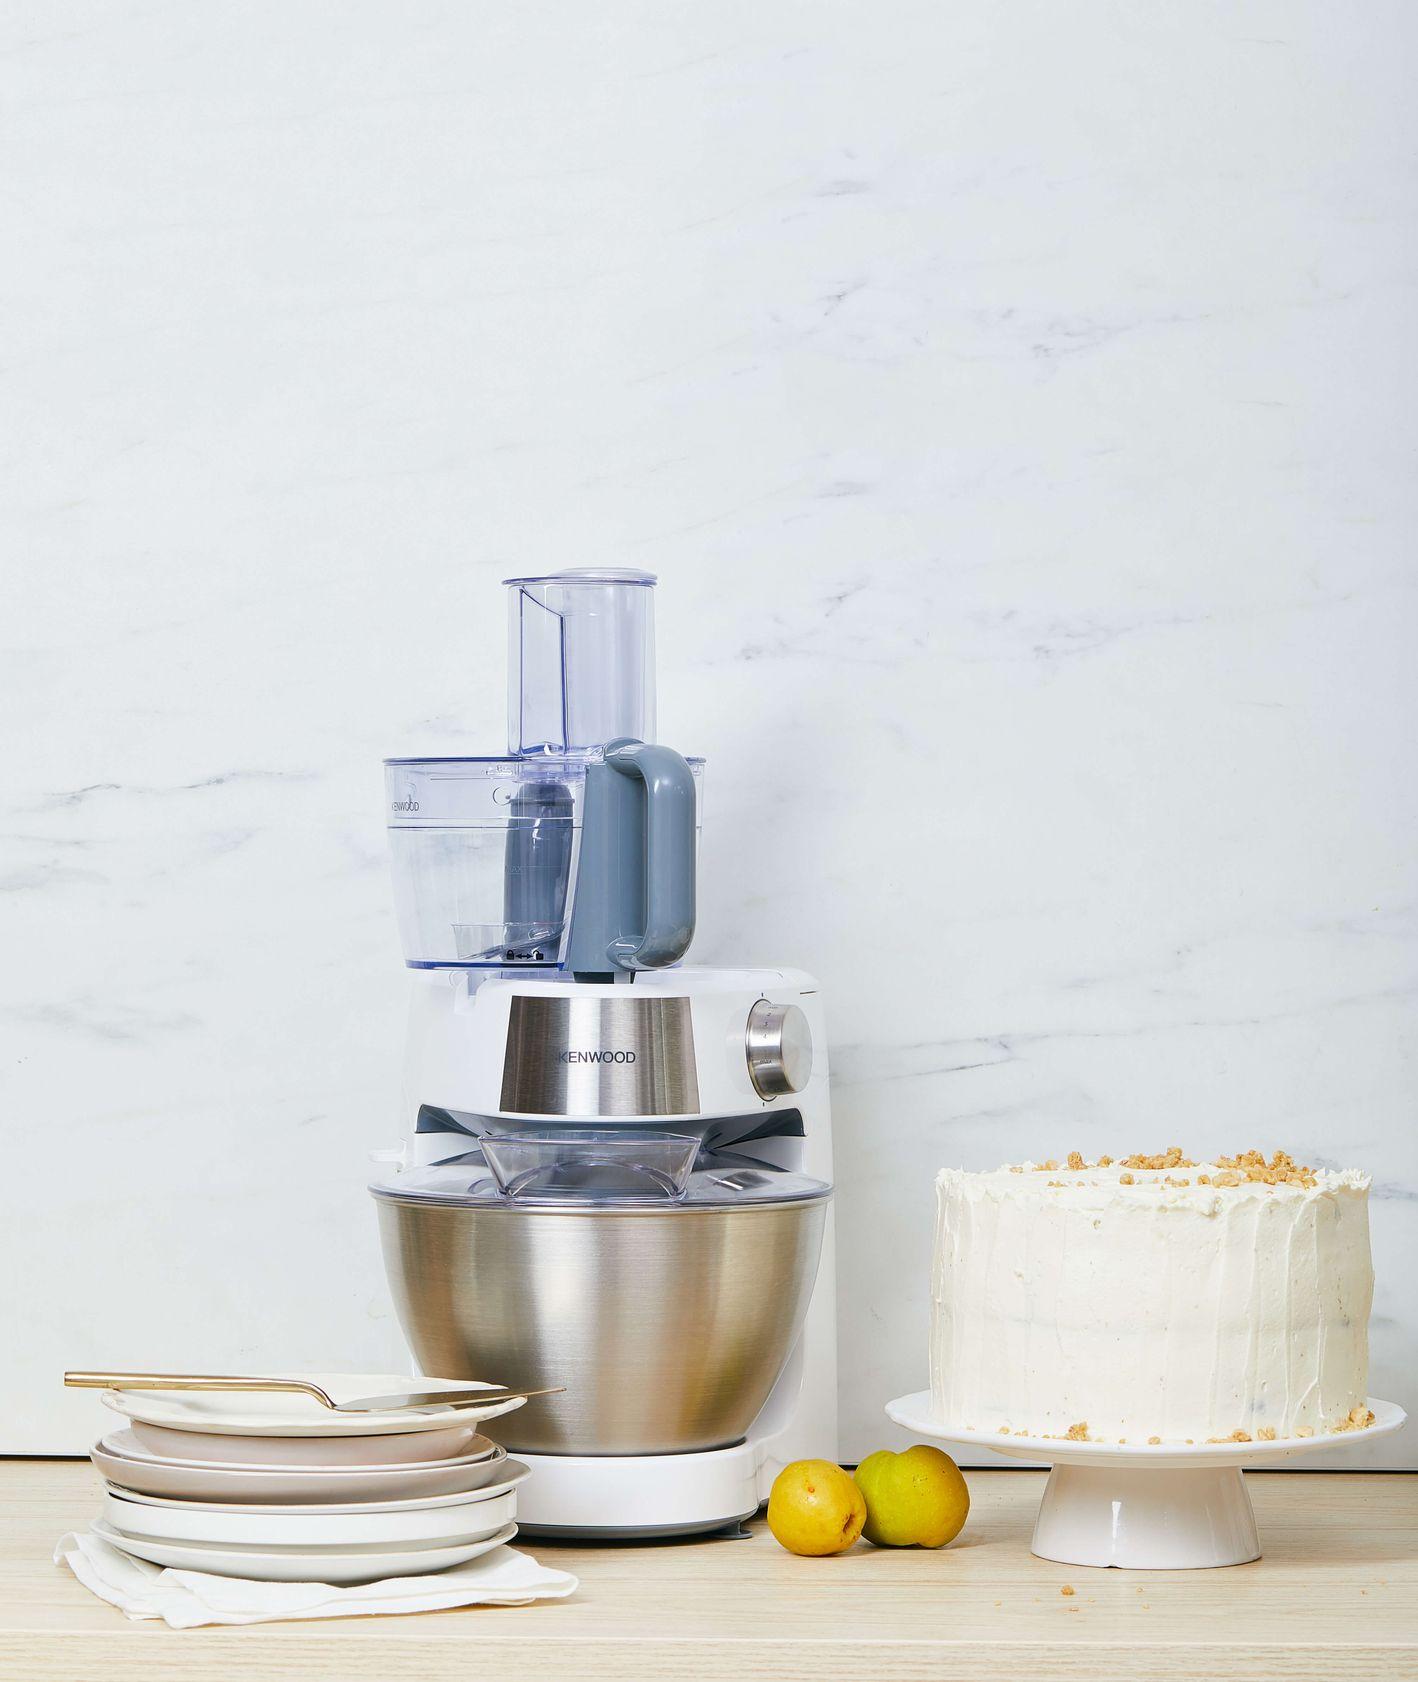 Tort piernikowy – przygotowany z robotem kuchennym Kenwood (fot. Maciek Niemojewski)